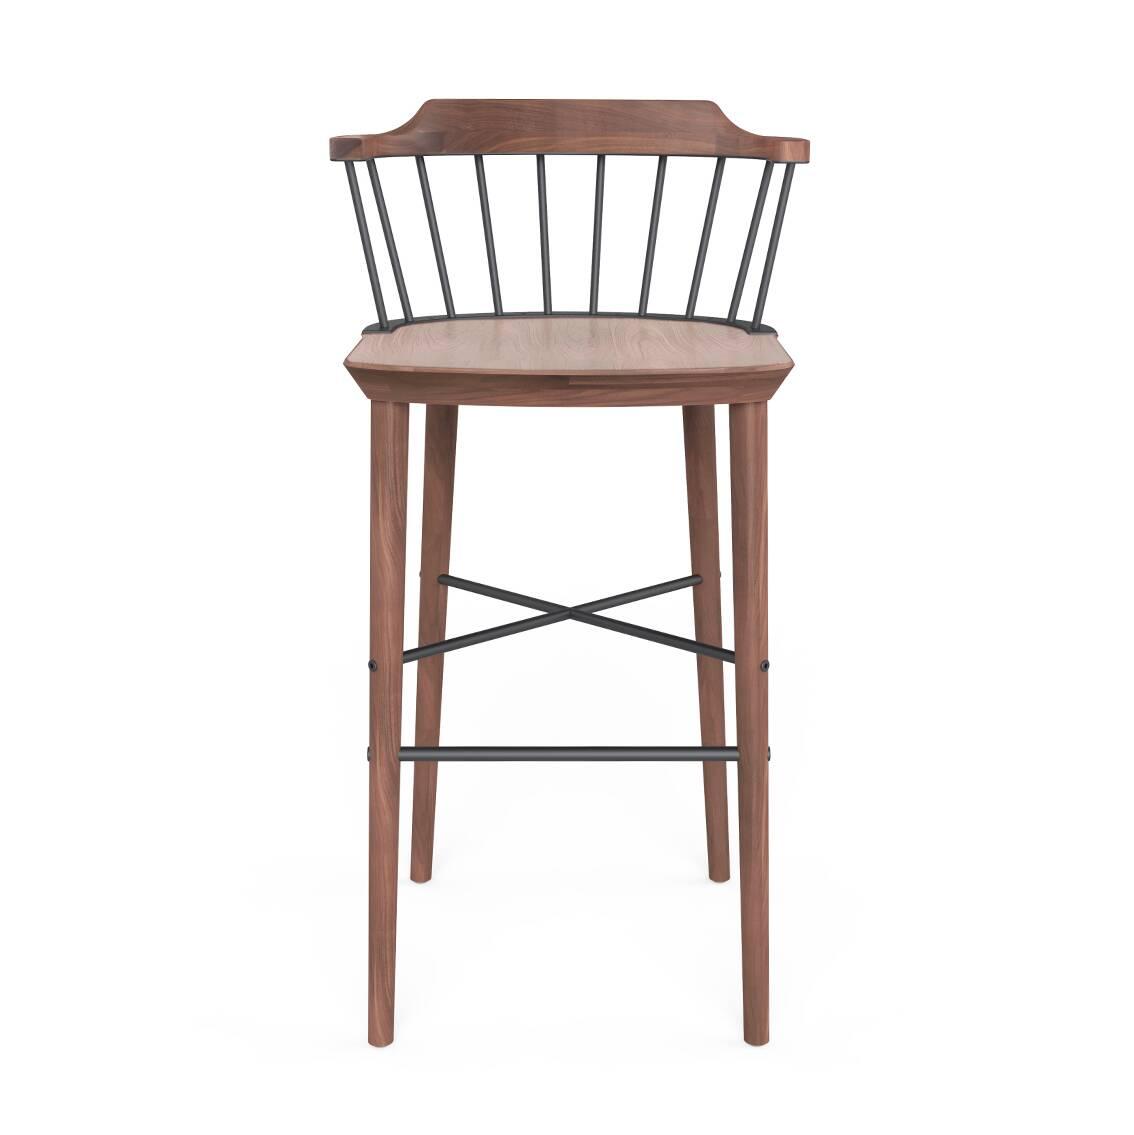 Полубарный стул ExchangeПолубарные<br>Полубарные стулья все активнее набирают популярность в дизайне современных кухонных комнат. И не зря! Такие предметы домашнего интерьера необычайно удобны и функциональны, и к тому же они могут считаться той самой изюминкой в привычной обстановке домашней кухни. Полубарный стул Exchange от компании Stellar Works обладает универсальным, но очень интересным дизайном – в нем тесно переплетаются черты консерватизма и самых современных интерьерных стилей.<br><br><br> Проектировщики выбрали один из ...<br><br>stock: 0<br>Высота: 86,4<br>Высота сиденья: 61<br>Ширина: 52,6<br>Глубина: 50,6<br>Цвет спинки: Черный<br>Материал каркаса: Массив ореха<br>Тип материала каркаса: Дерево<br>Тип материала спинки: Сталь<br>Цвет каркаса: Орех